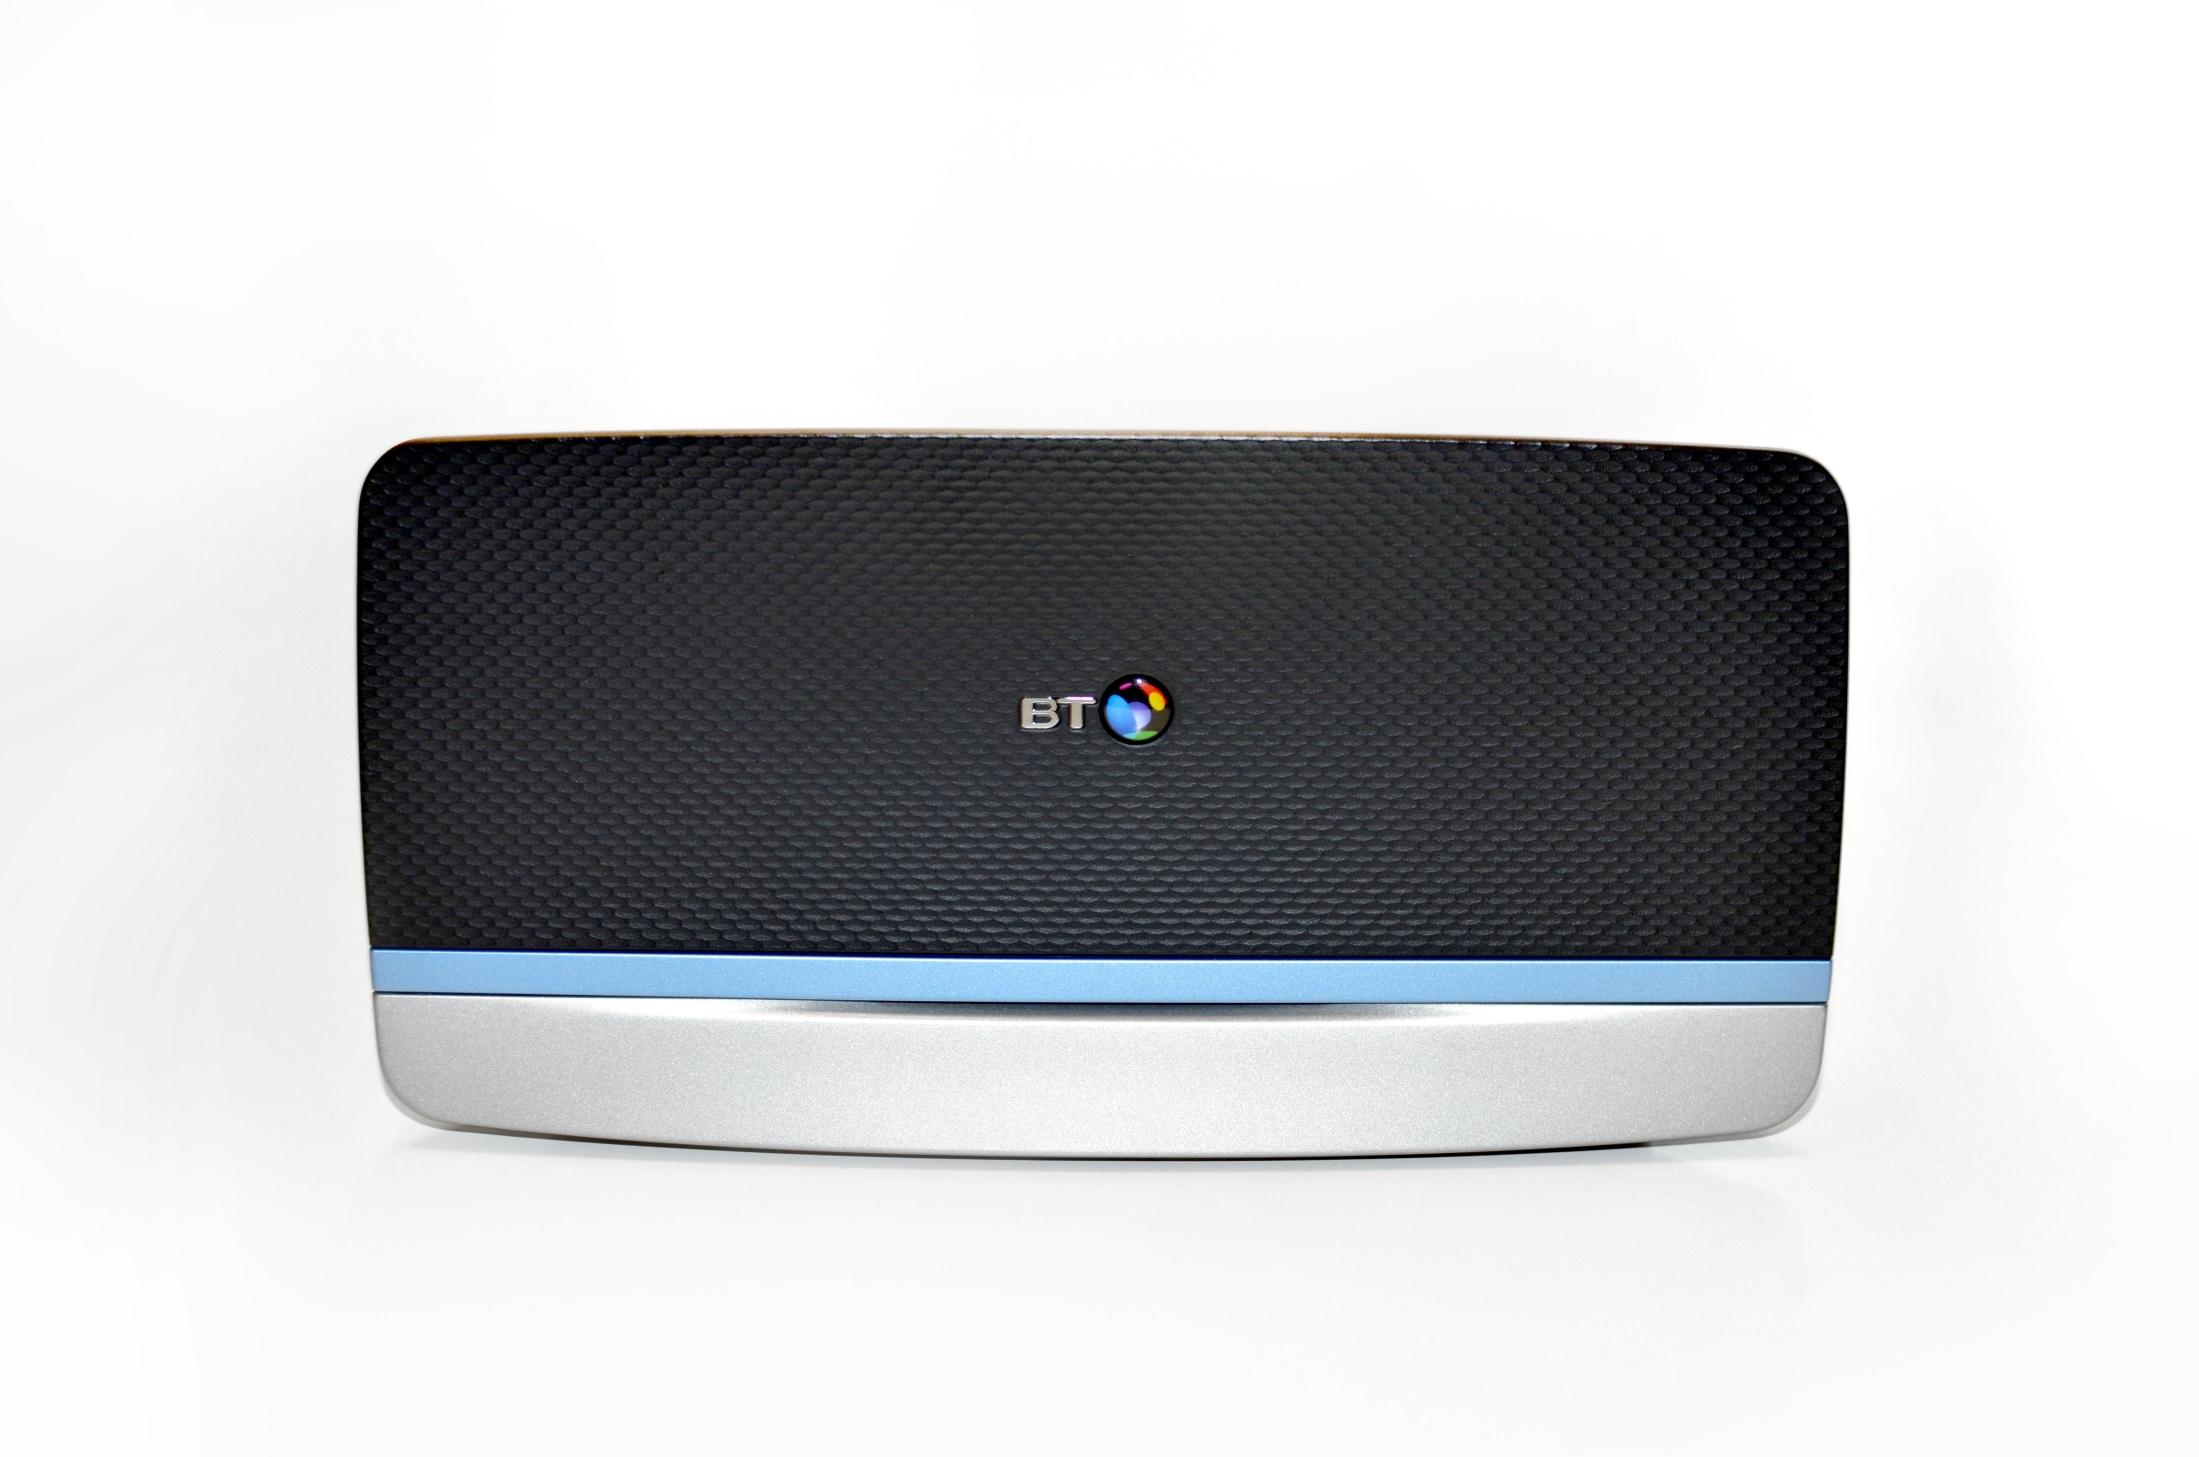 BT Gadgets & Technology News and Reviews